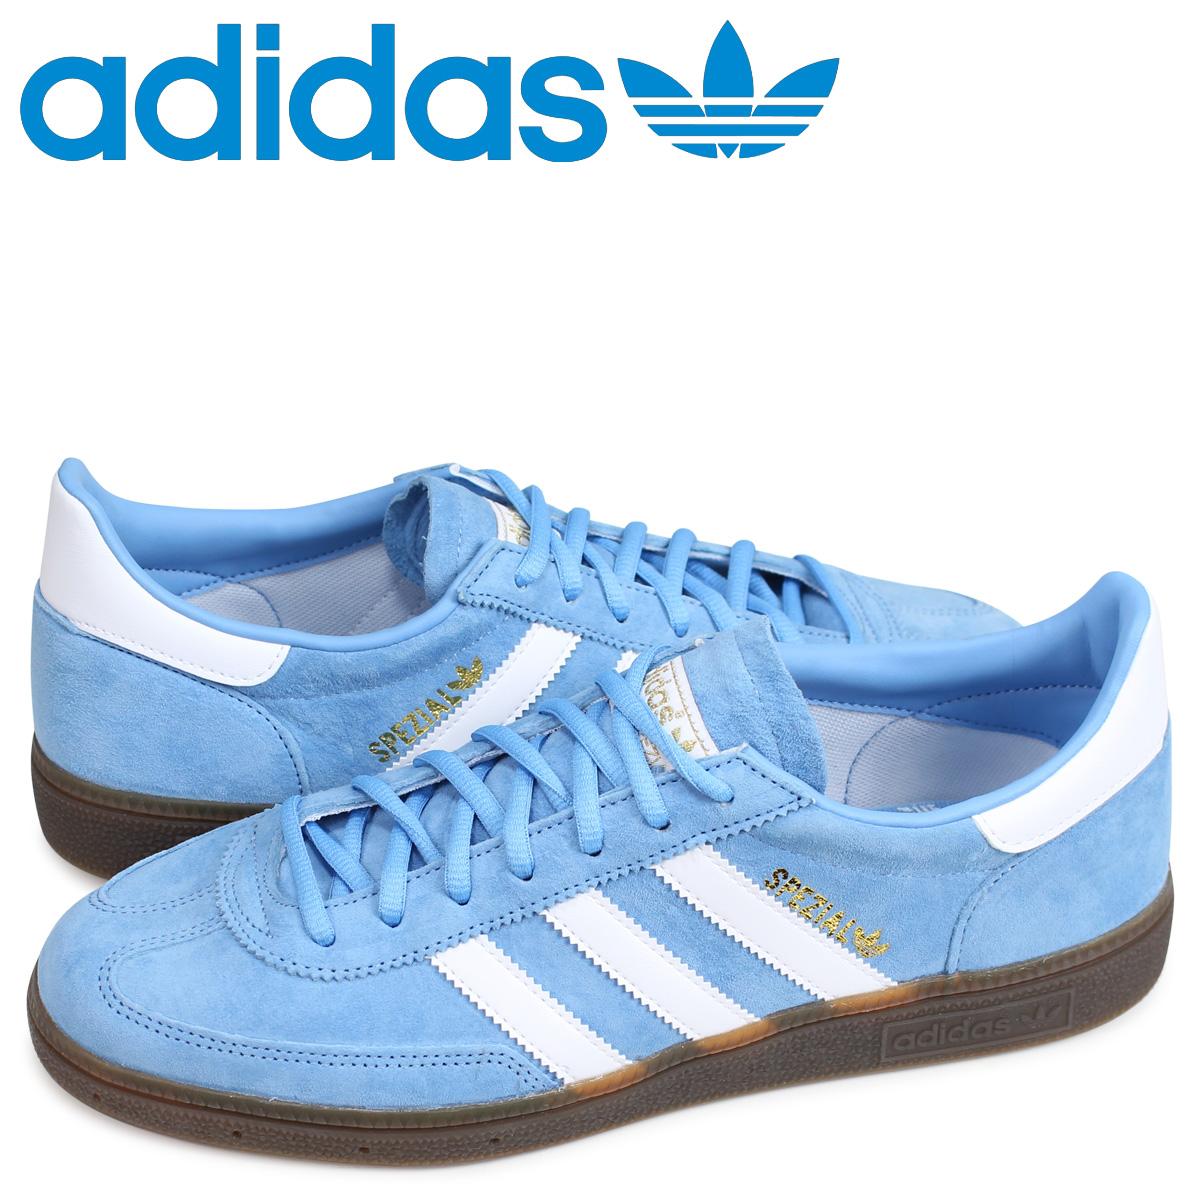 アディダス オリジナルス adidas Originals ハンドボール スペツィアル スニーカー メンズ HANDBALL SPEZIAL ブルー BD7632